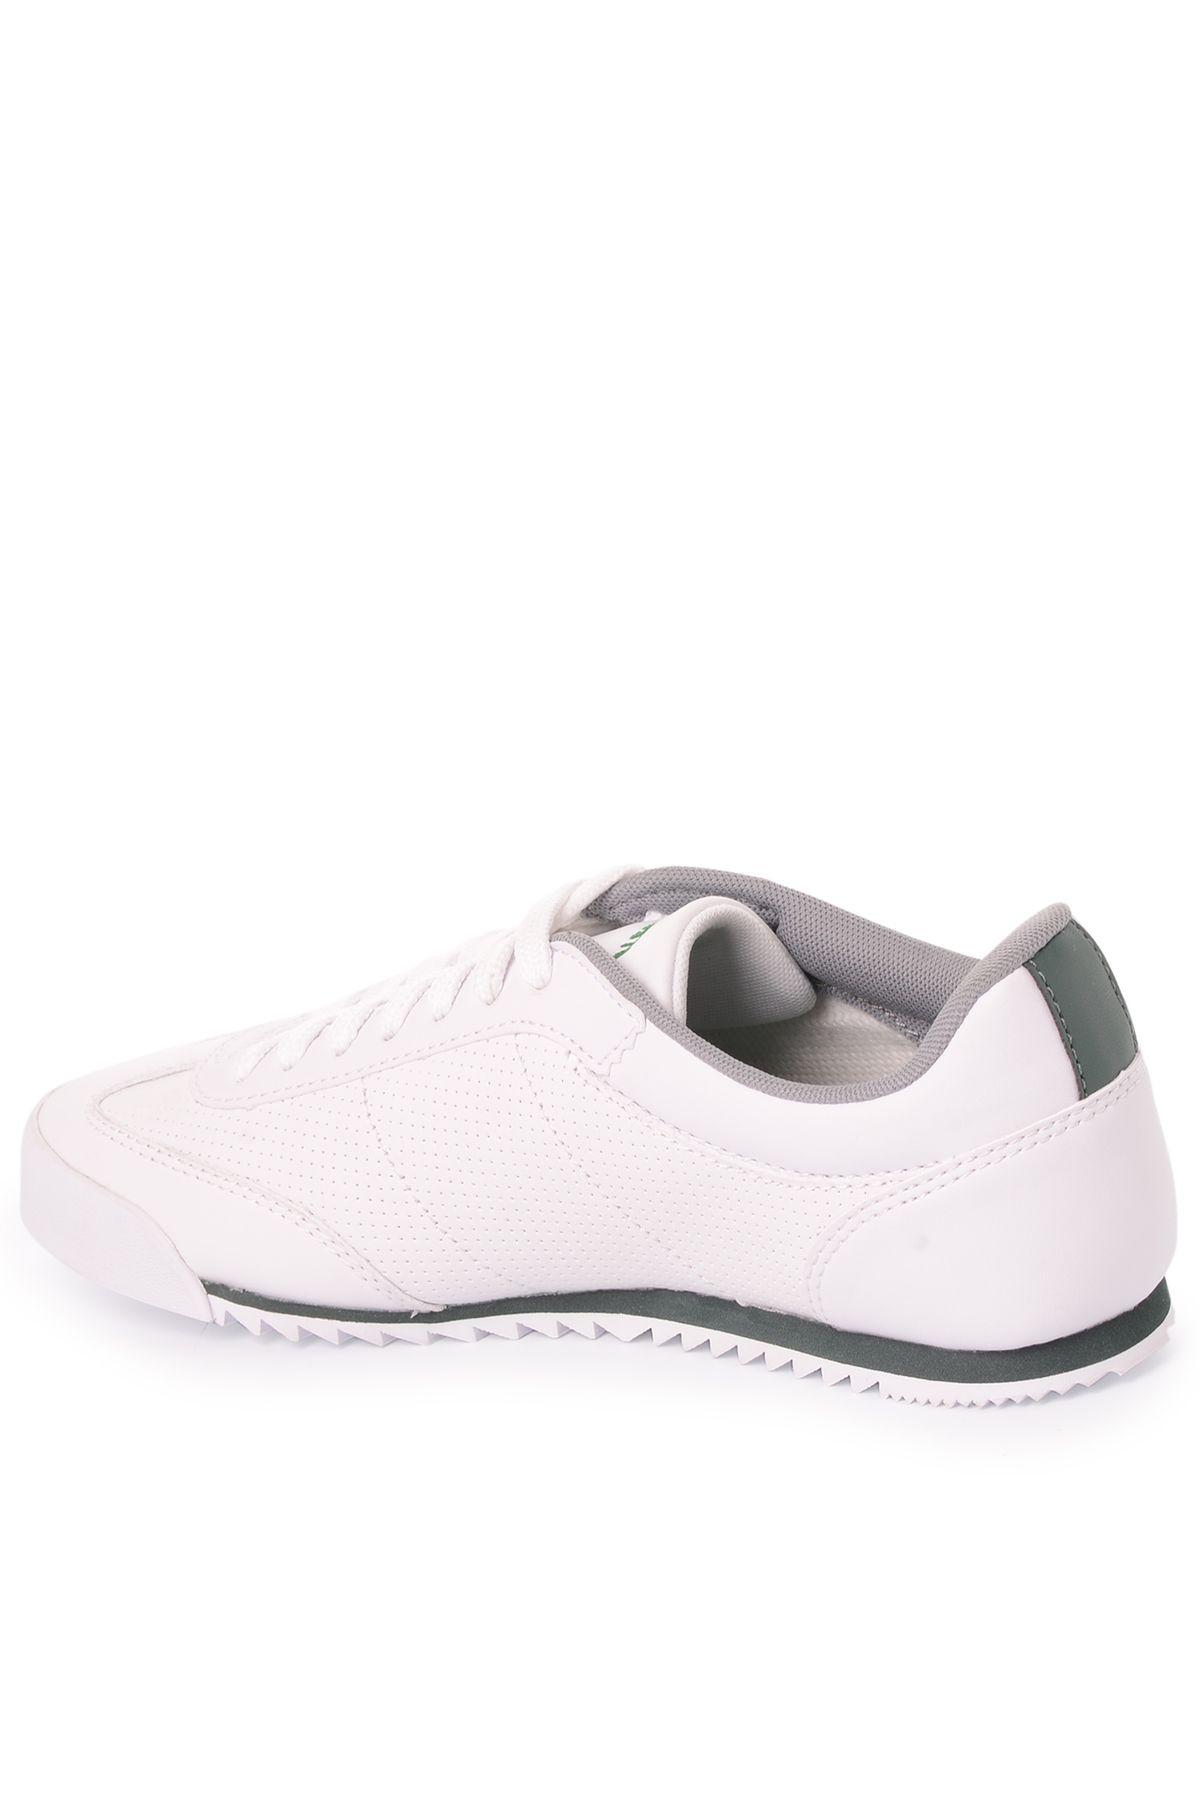 70512f6b4e02d Tênis Lacoste Romeau   Mundial Calçados - Mundial Calçados